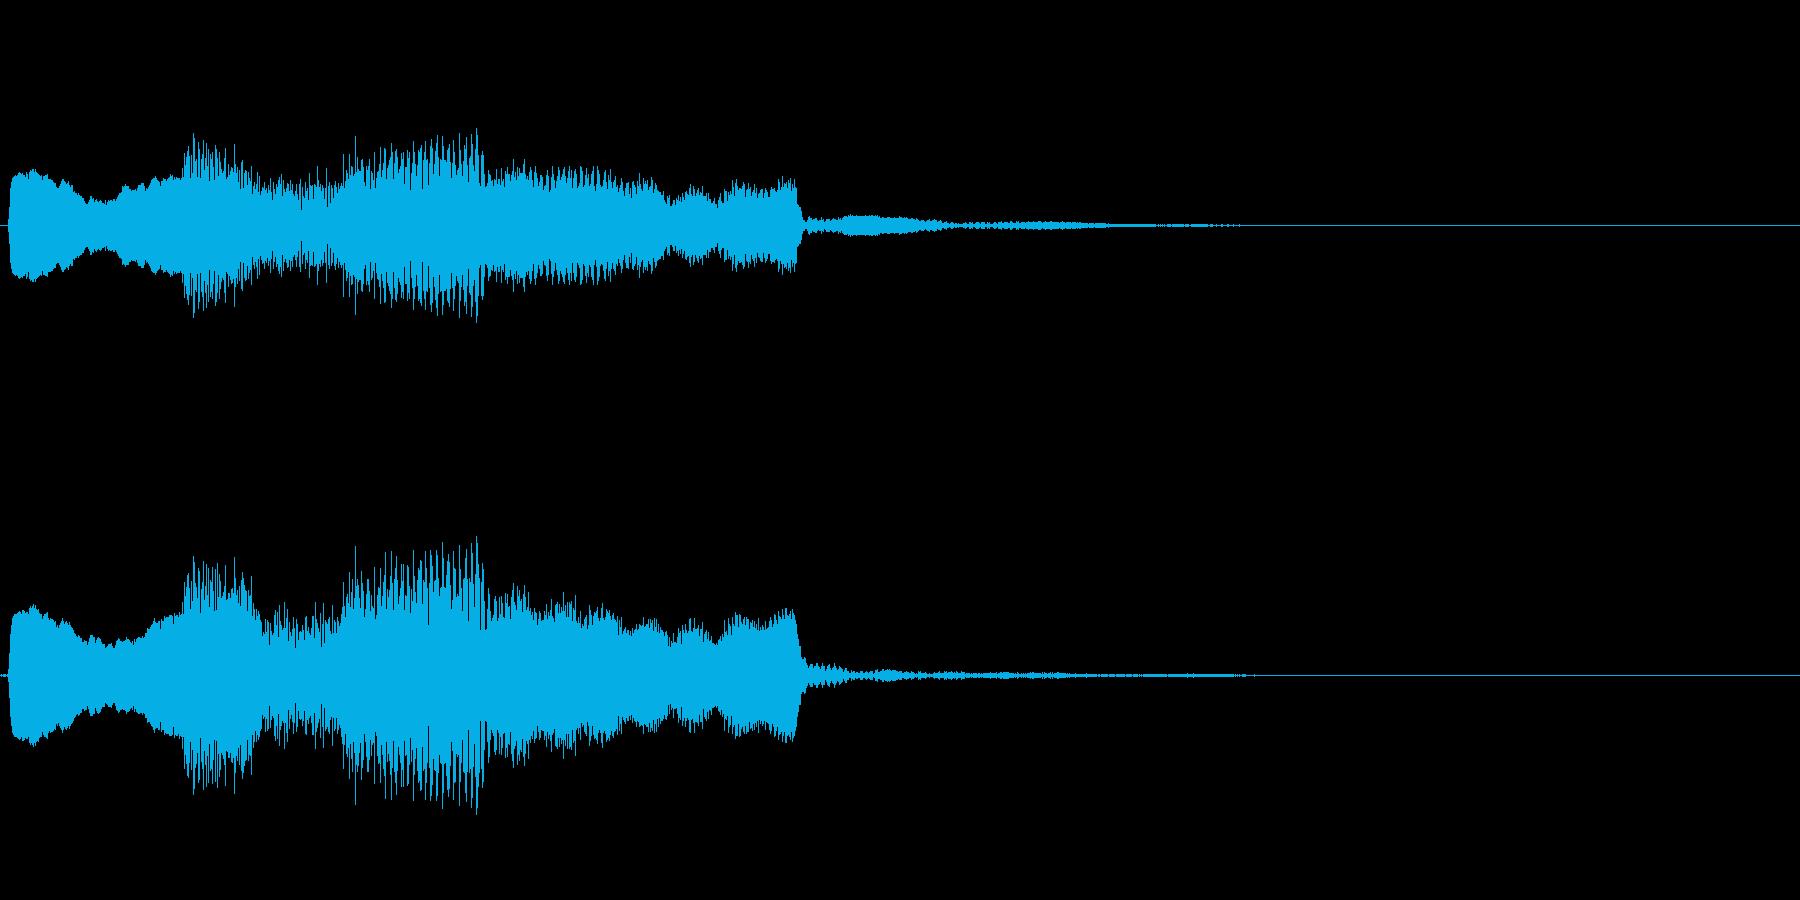 【システム音セット01-ポップアップ】の再生済みの波形